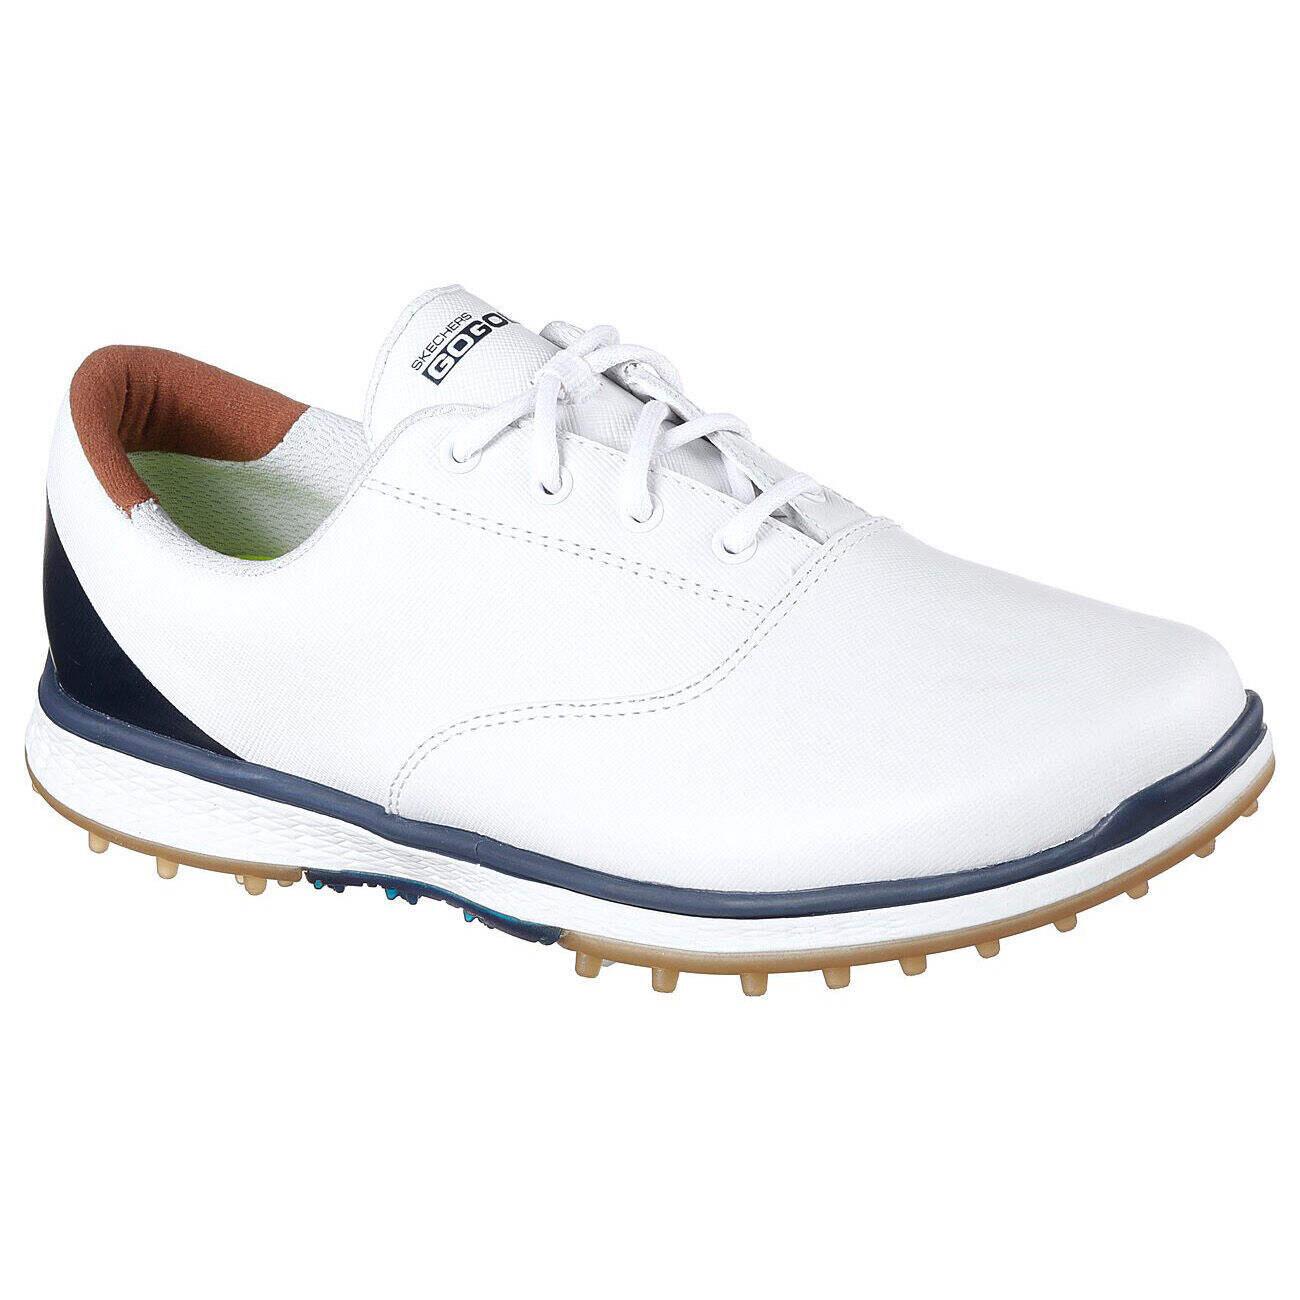 Skechers Go Golf Elite 2 Adjust Women's